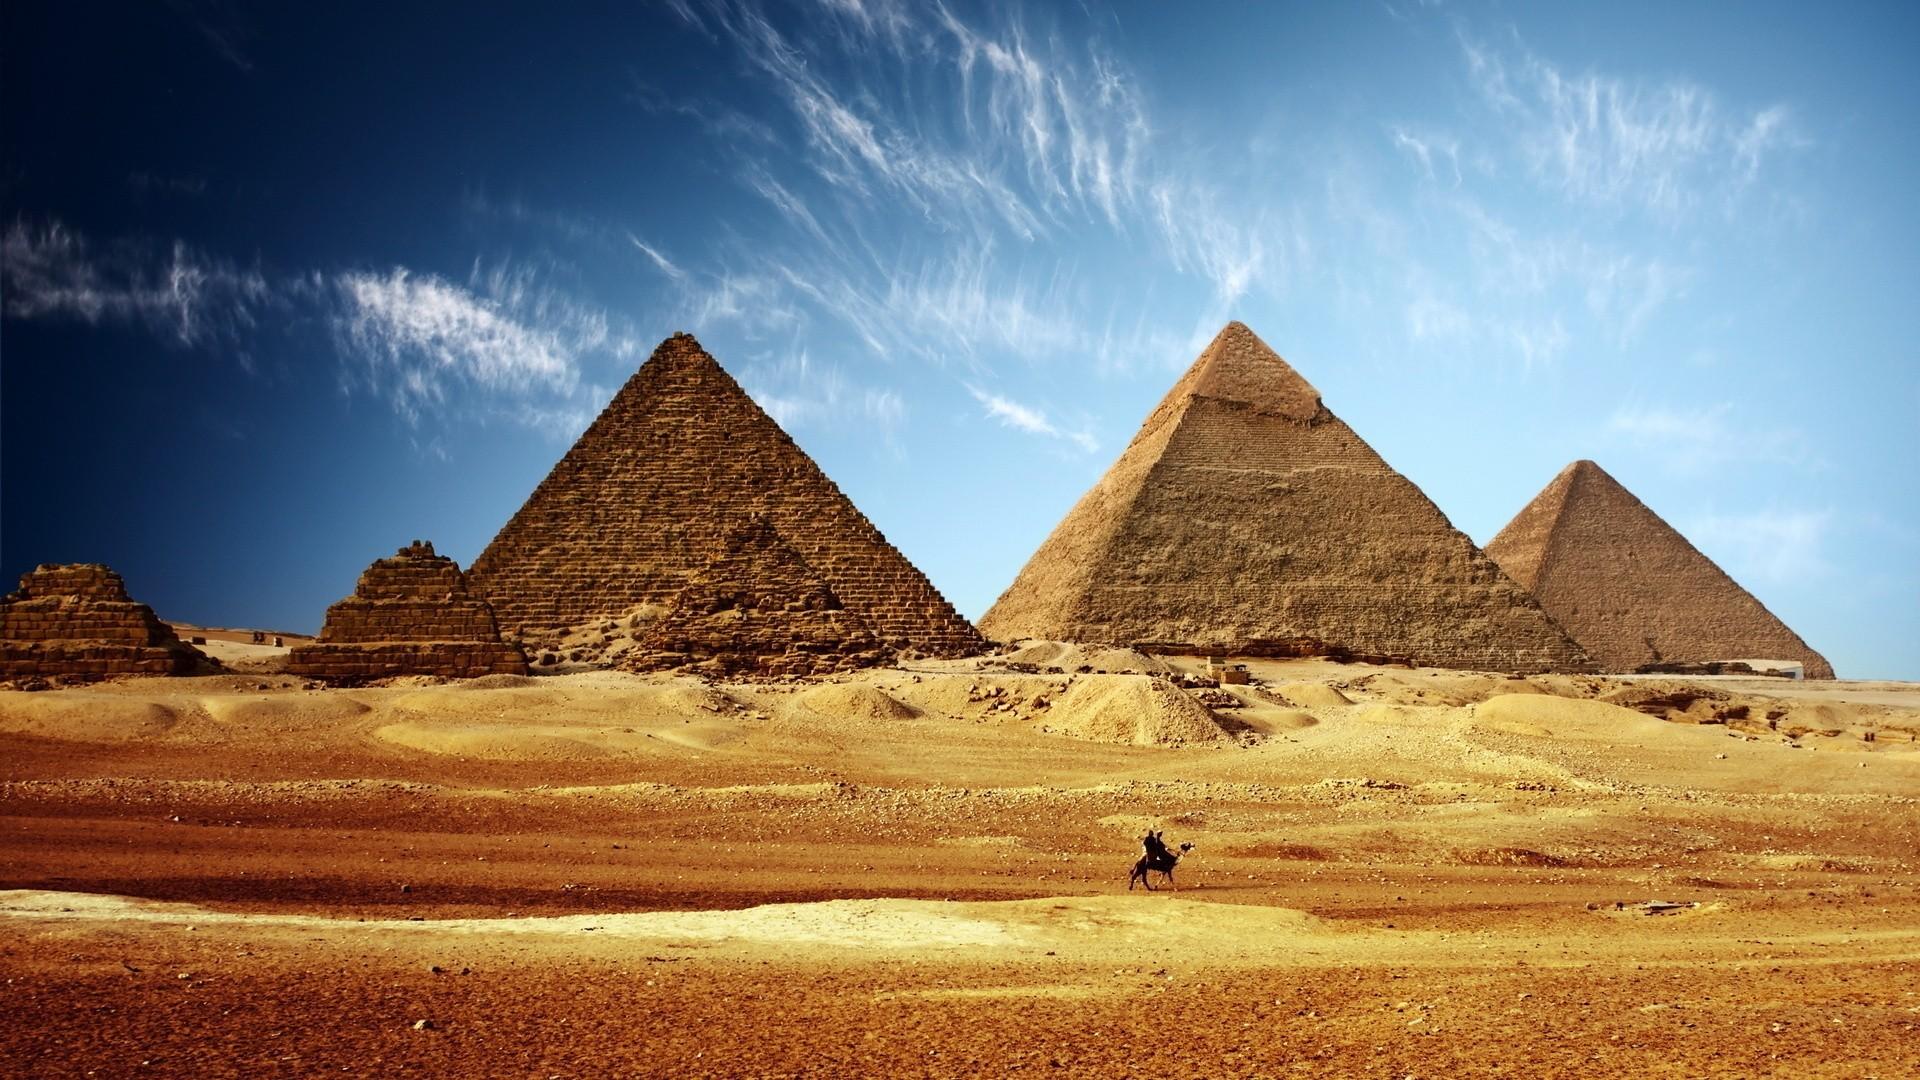 Египет: полеты в Египет возобновятся в I полугодии 2019 г.?